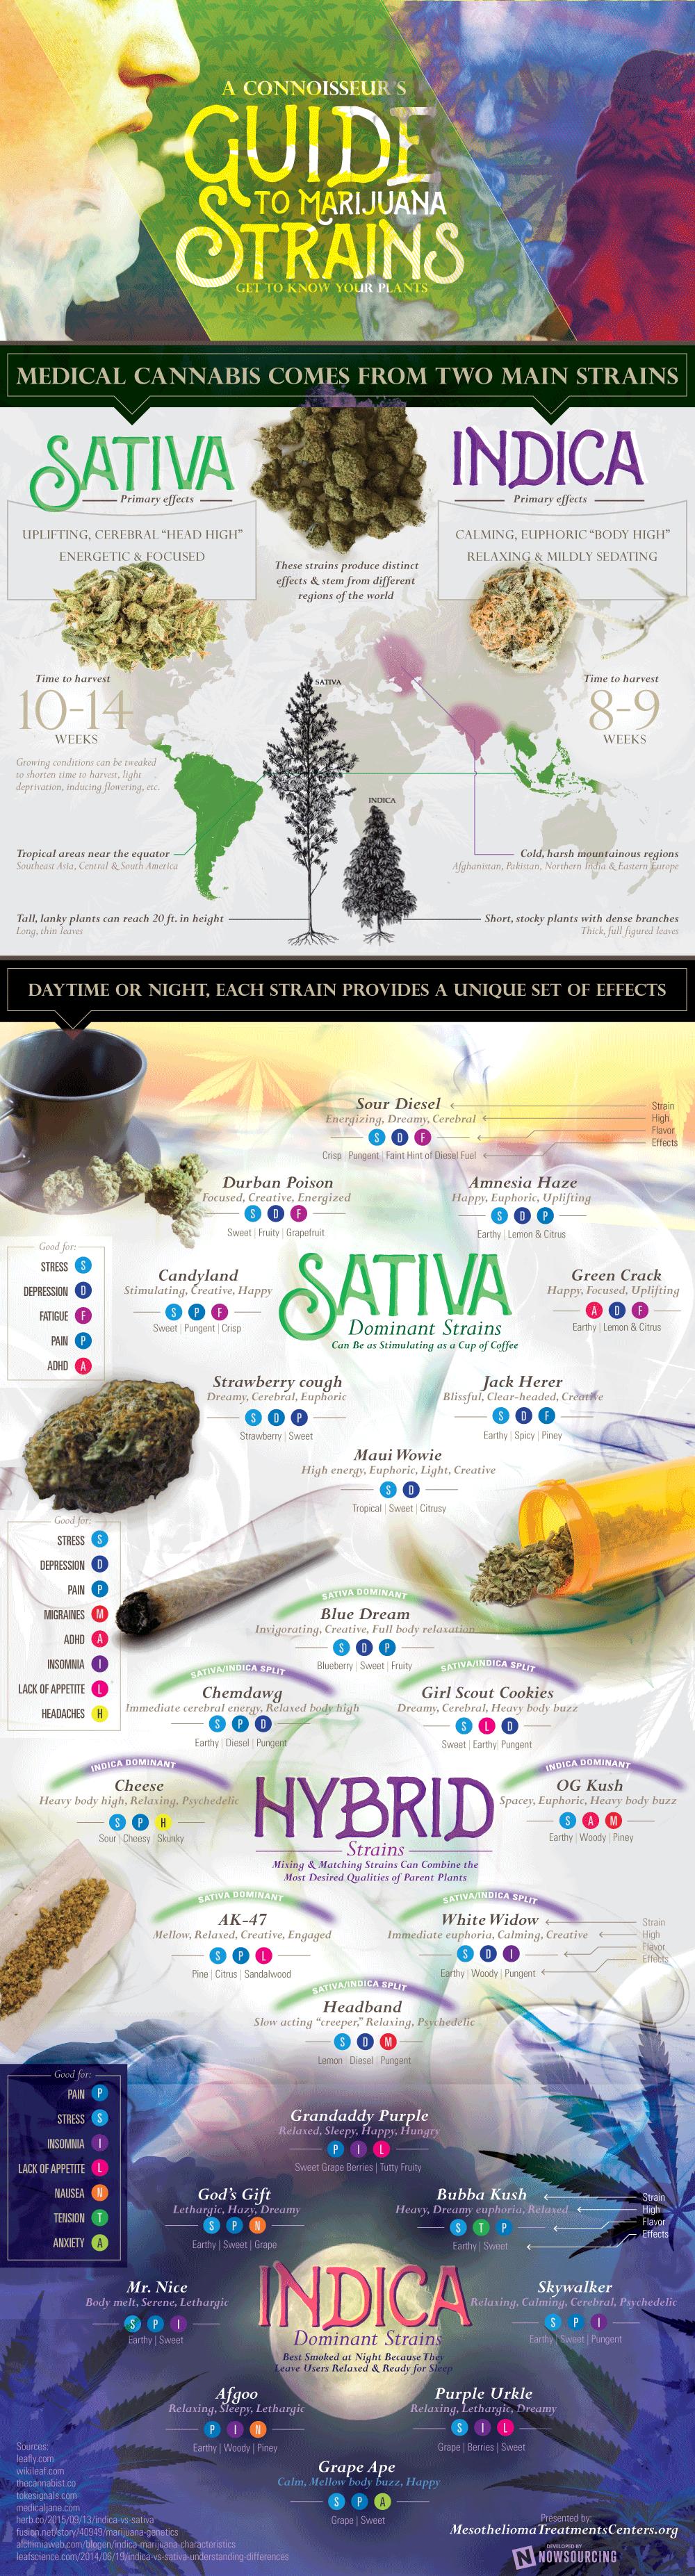 marijuanastrains